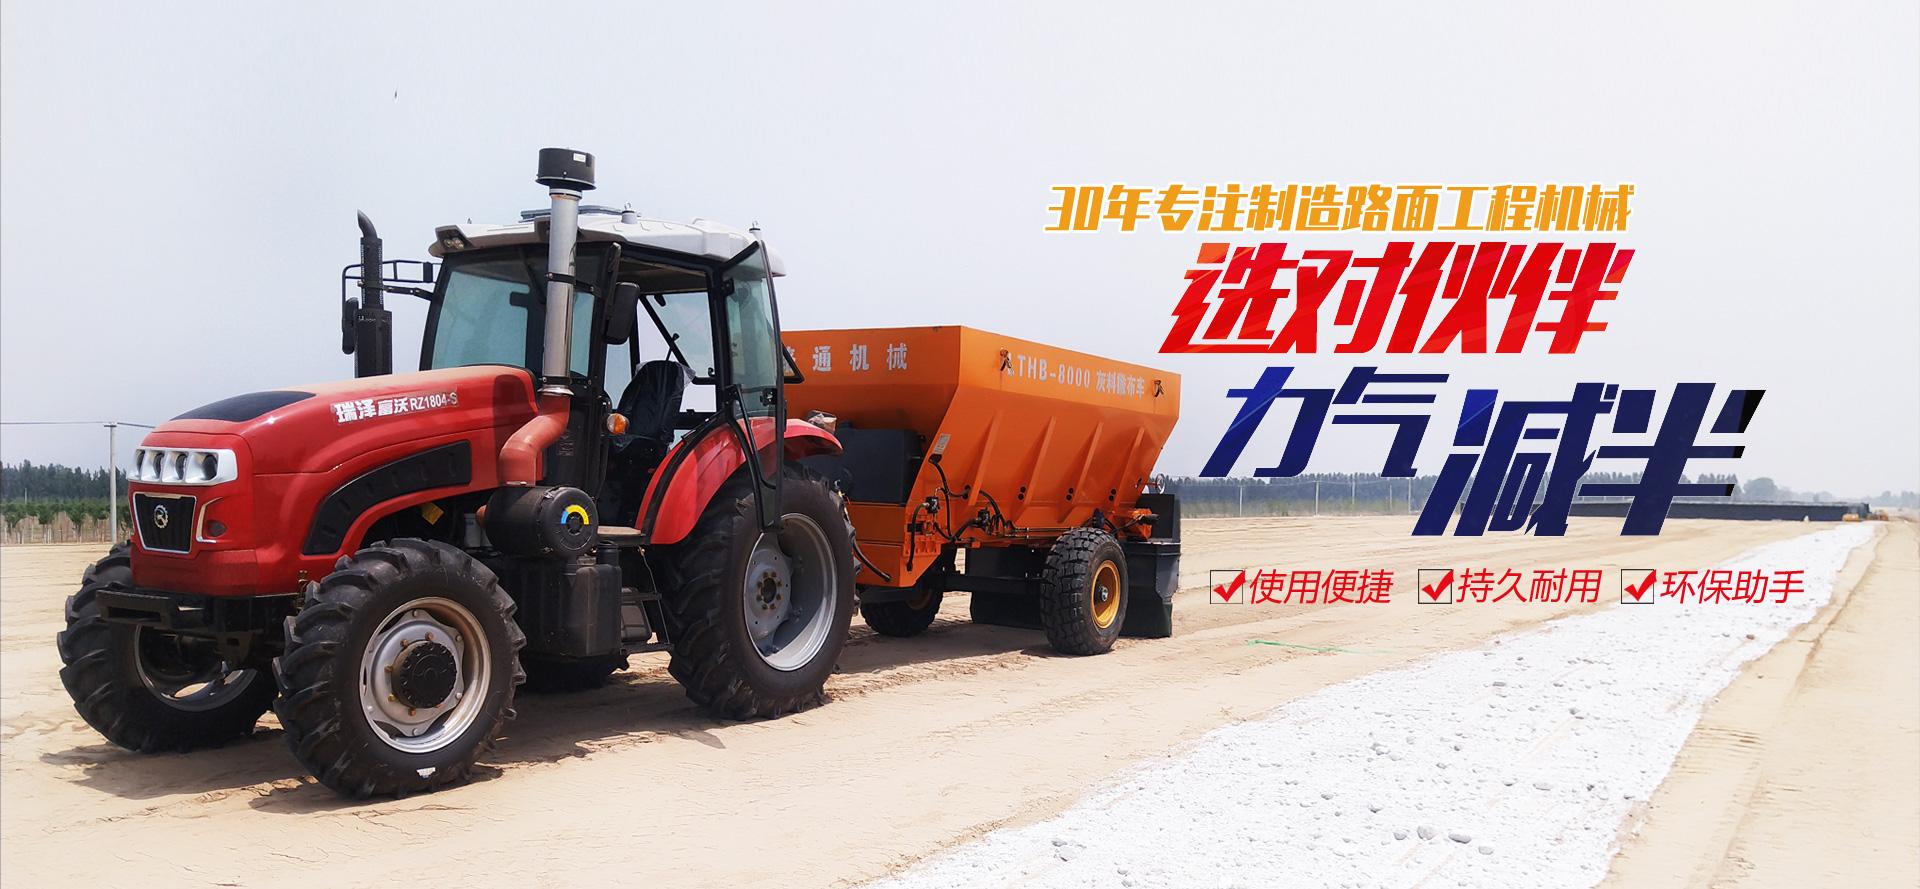 济宁市兖州区路通工程机械科技有限公司